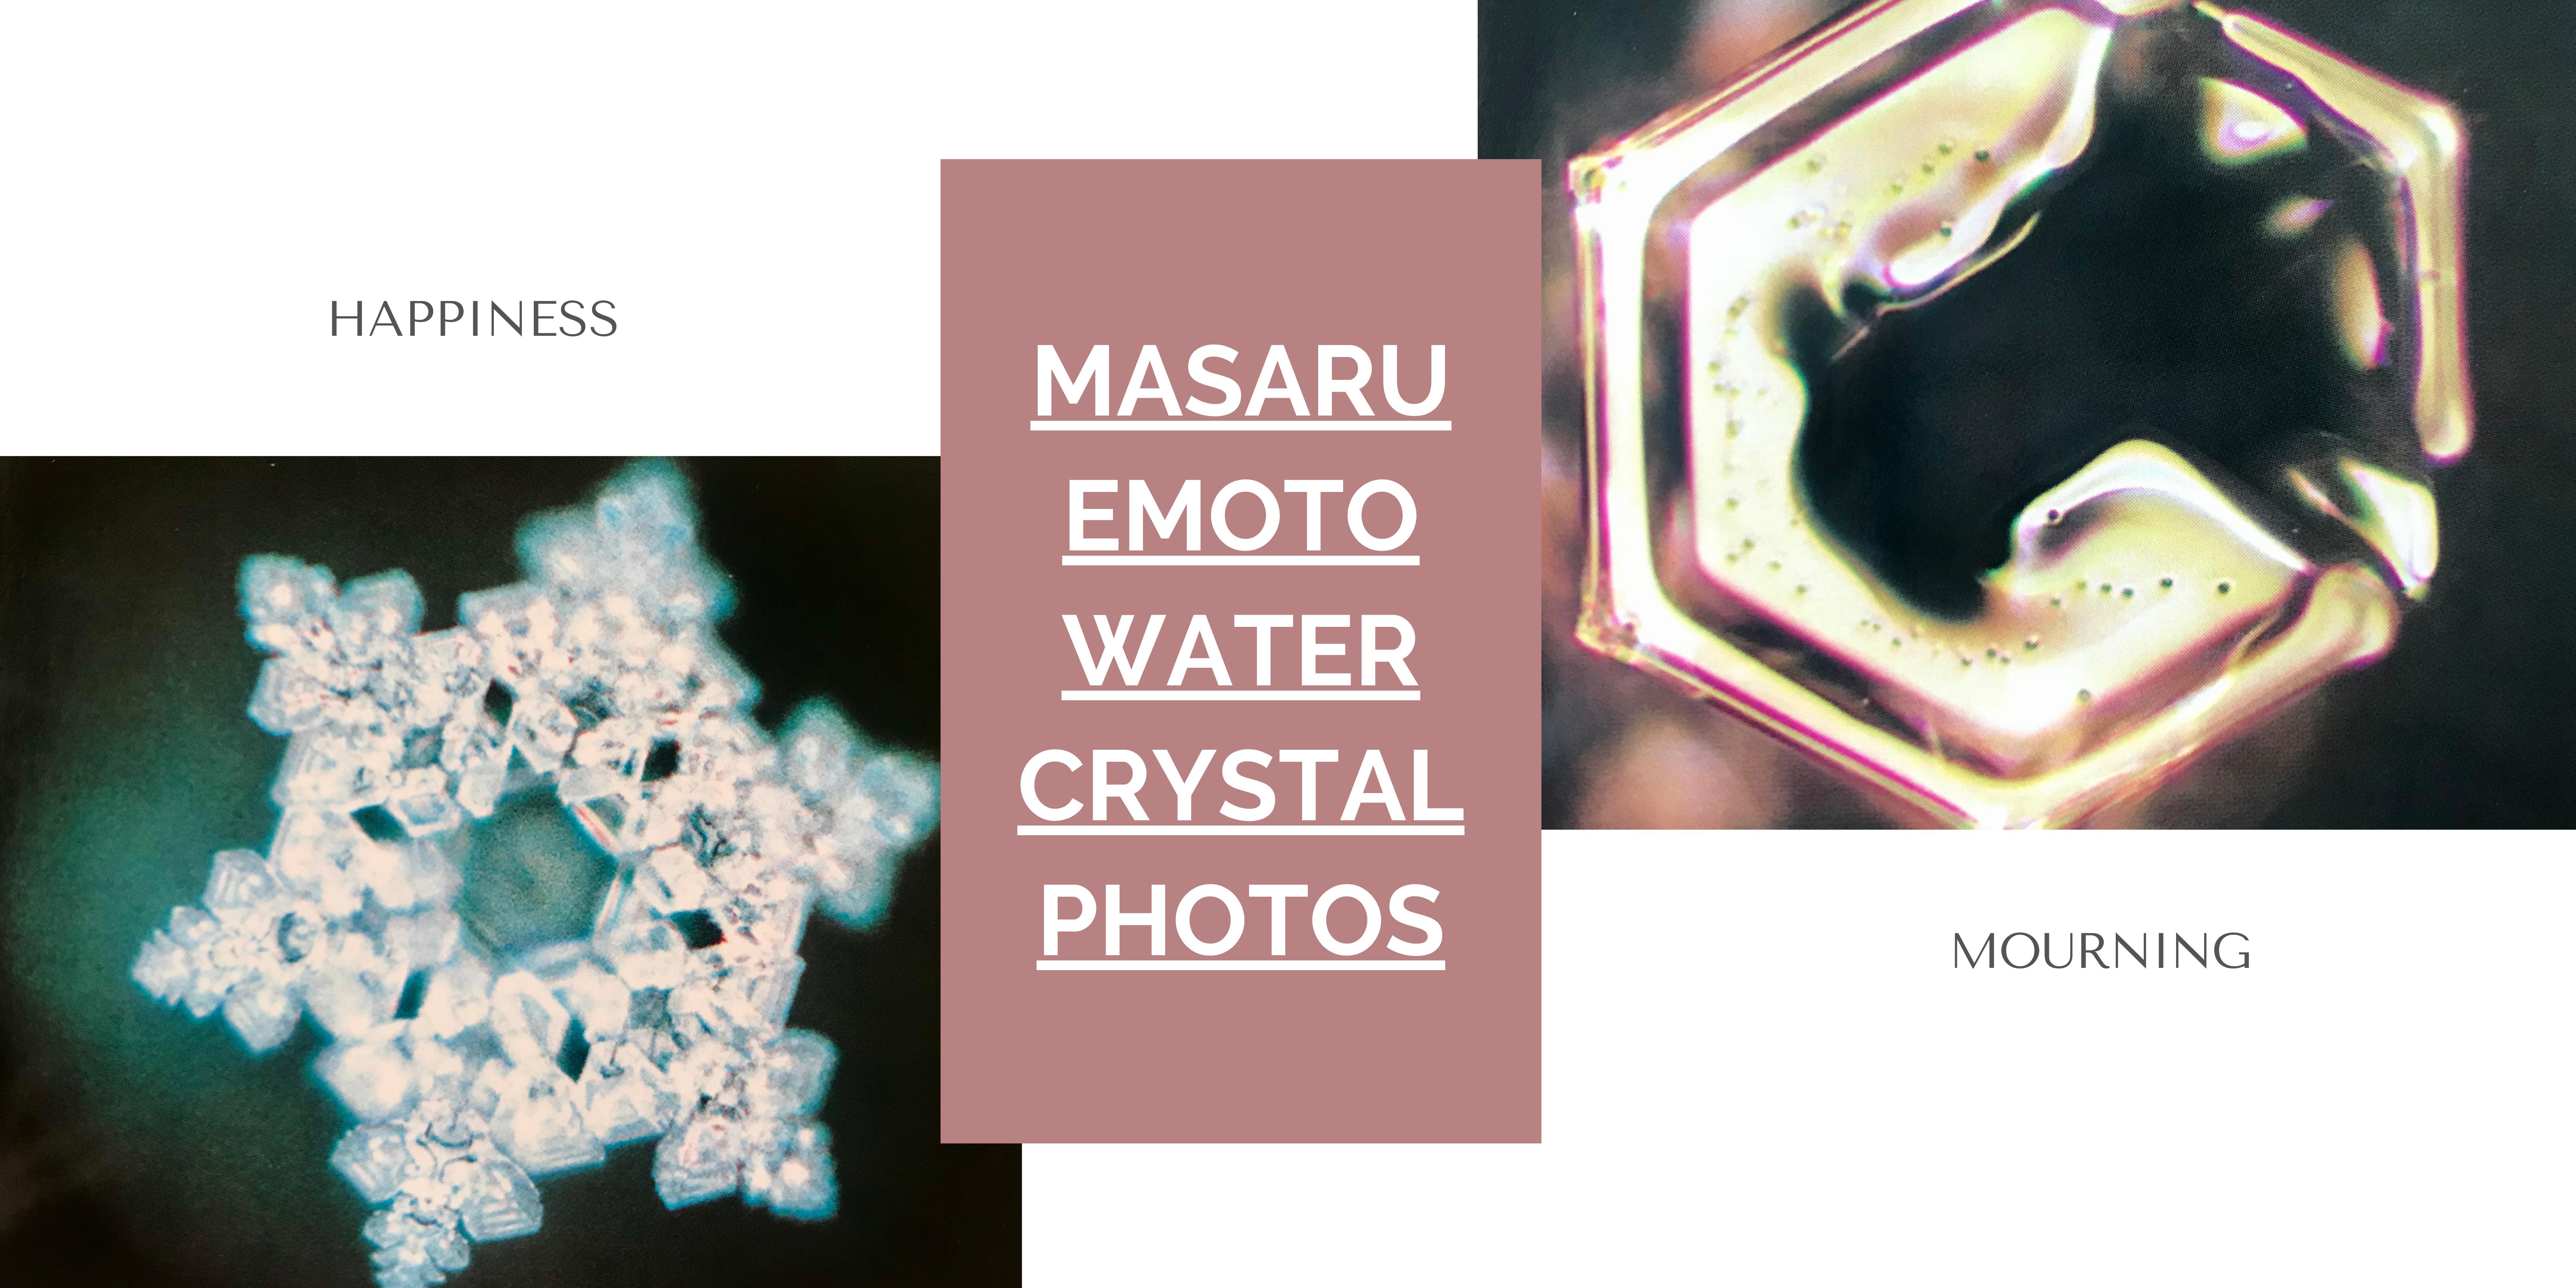 Masaru Emoto's Water Crystal Photos